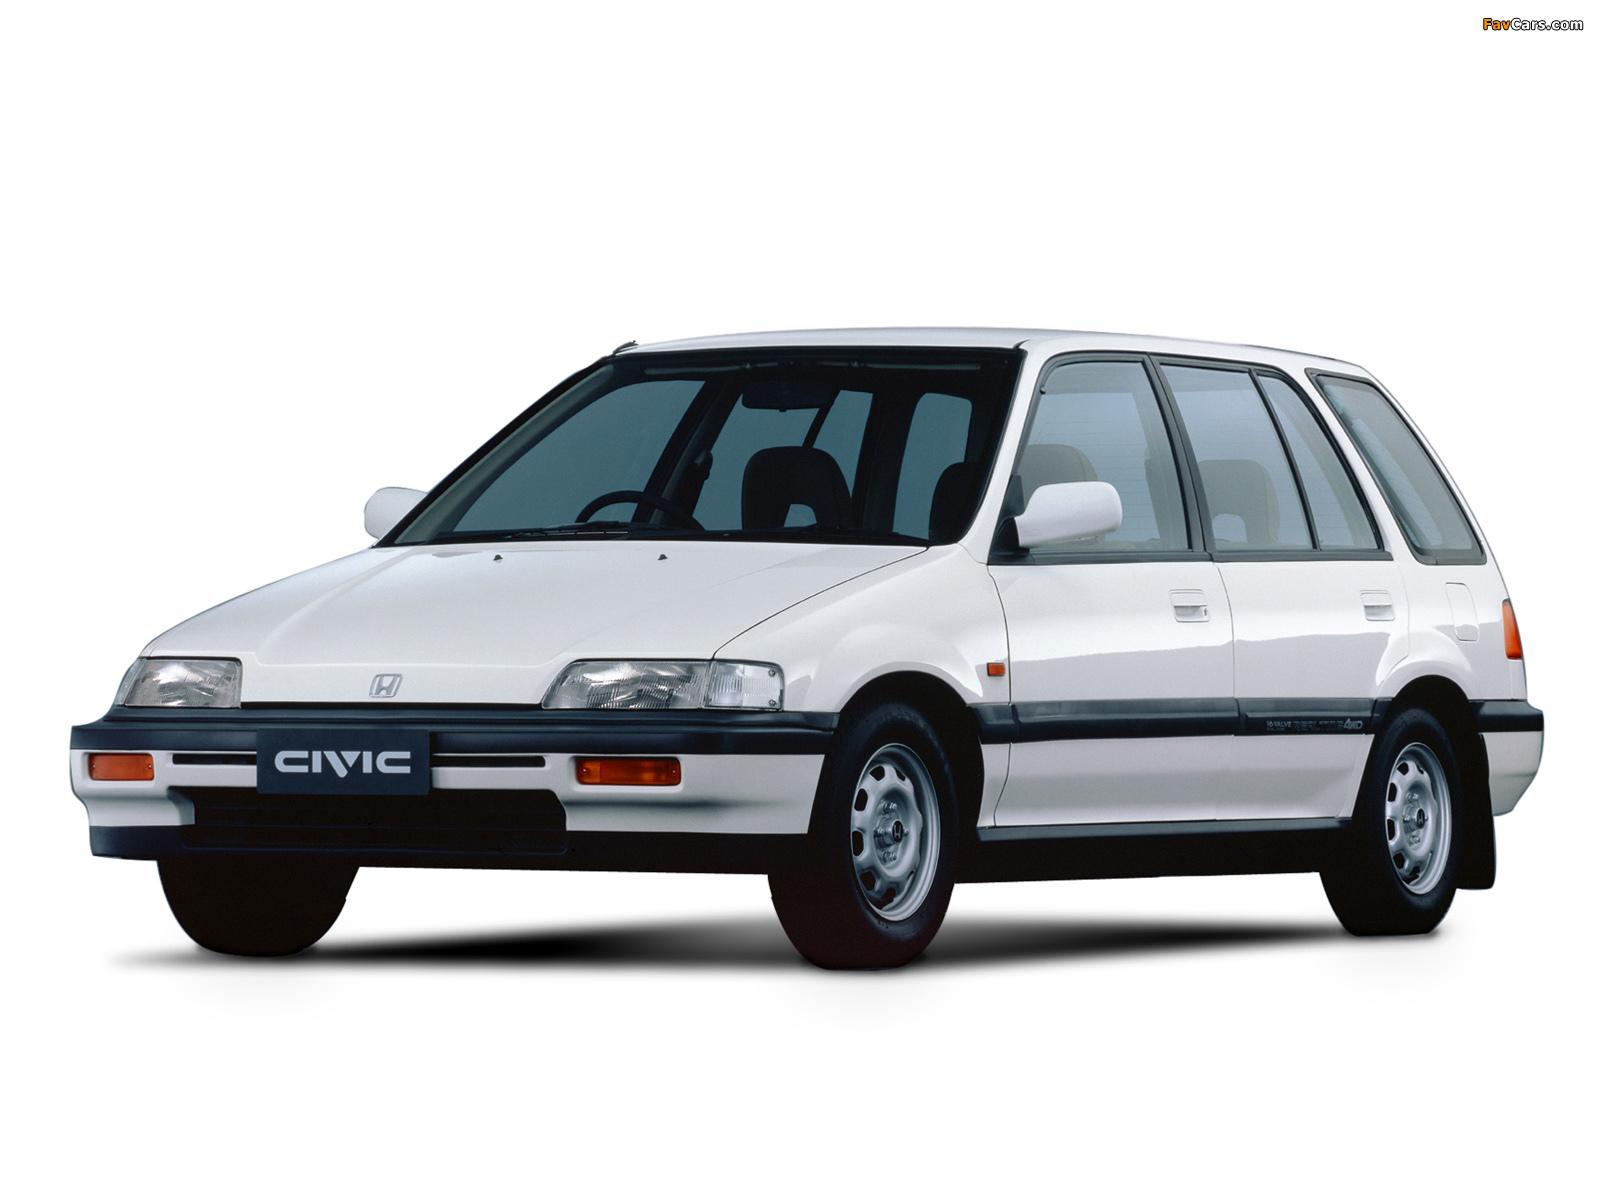 1987 honda civic  | favcars.com